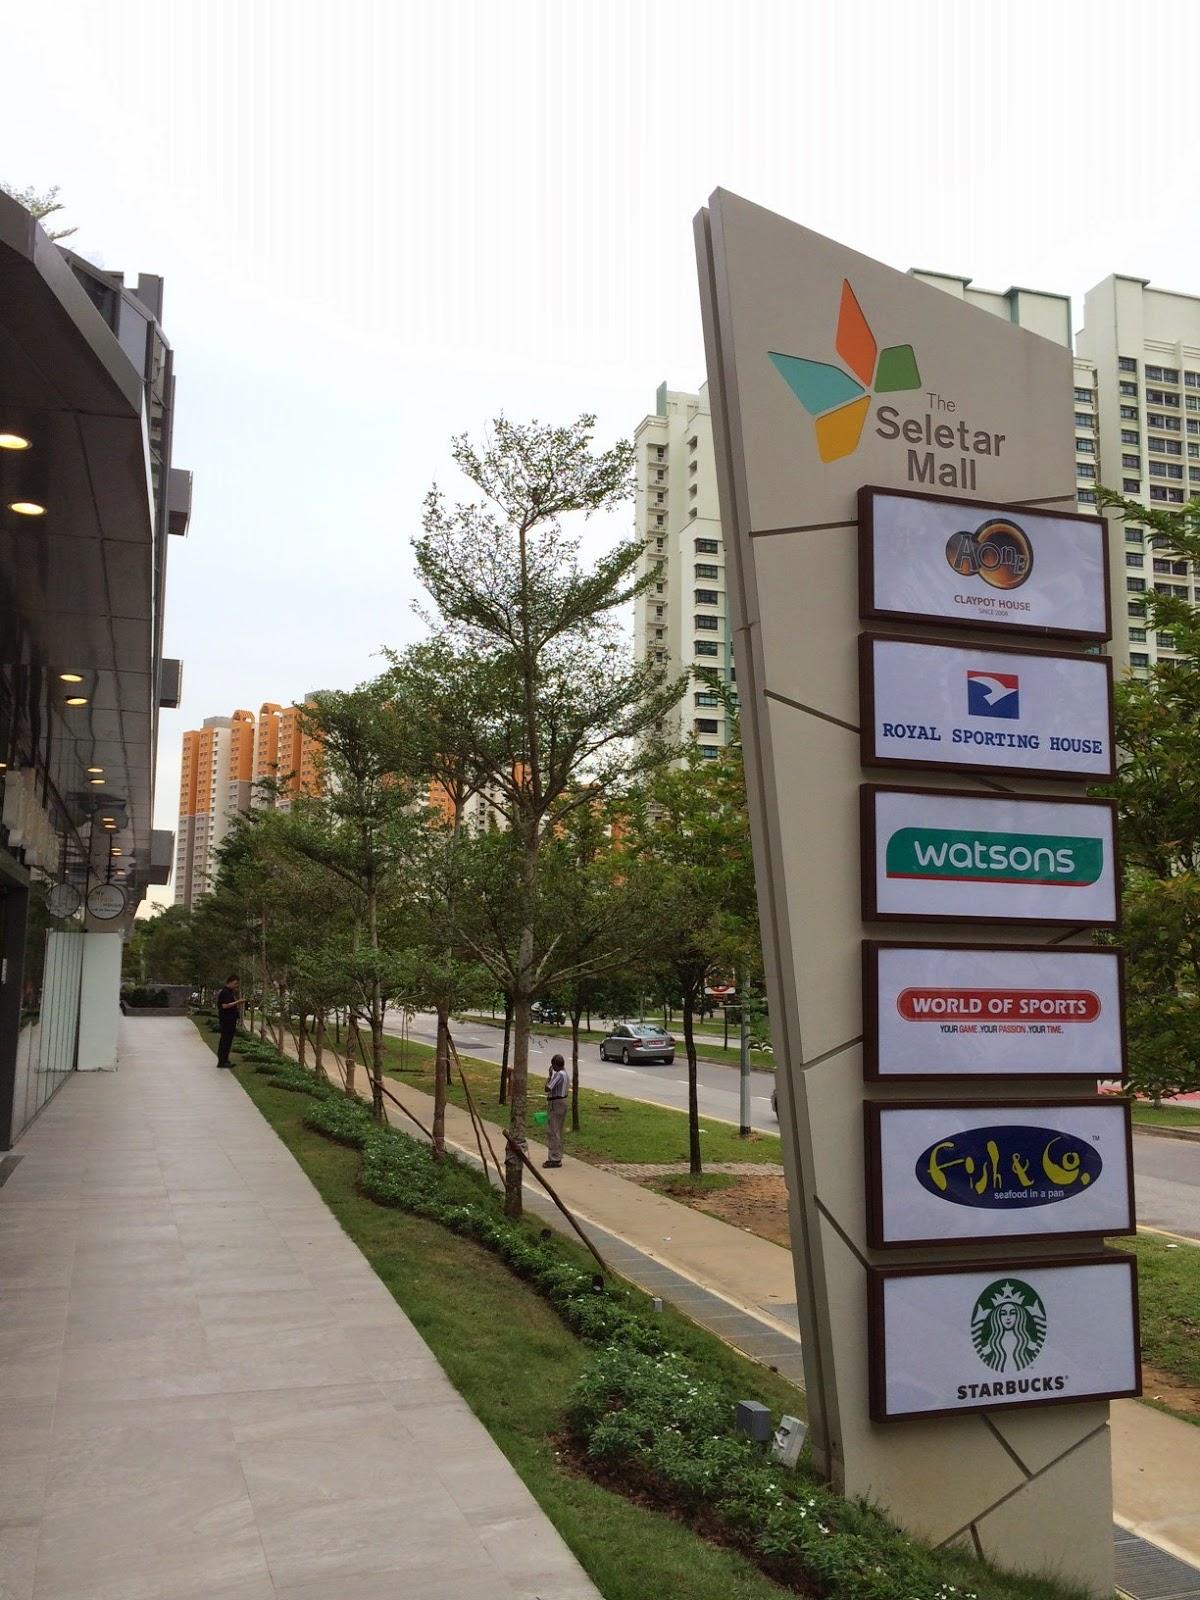 Seletar Mall